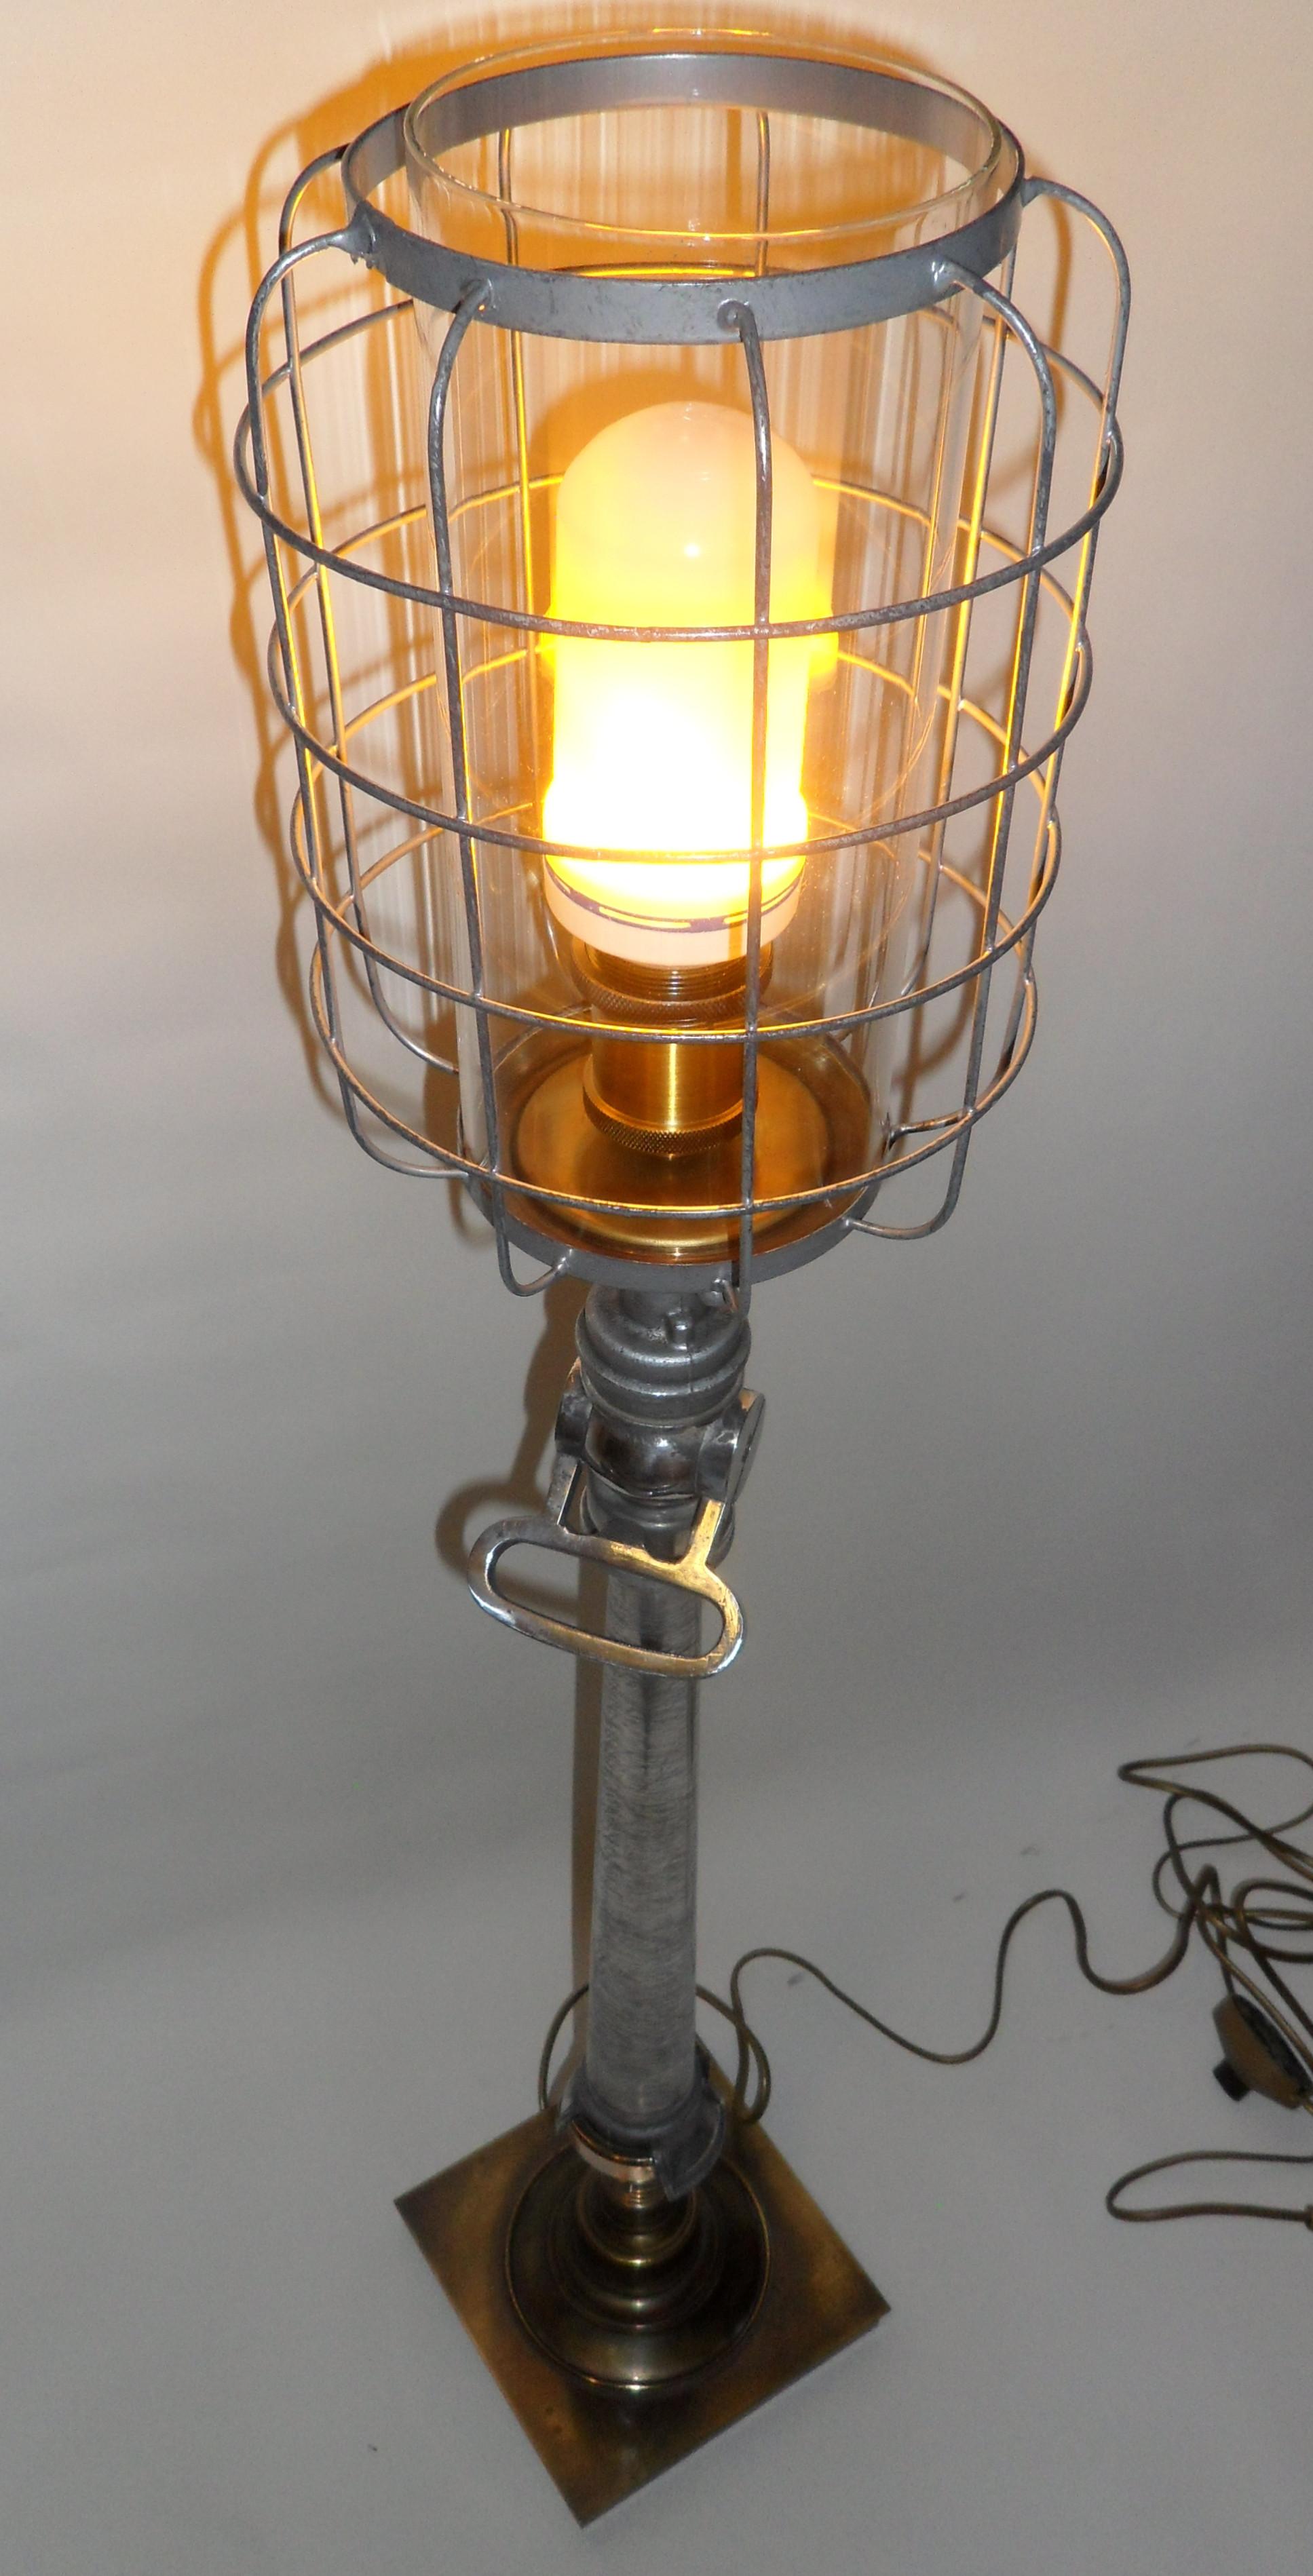 Lampe Lance A Incendie Ideale Sapeur Pompier Les Vieilles Choses